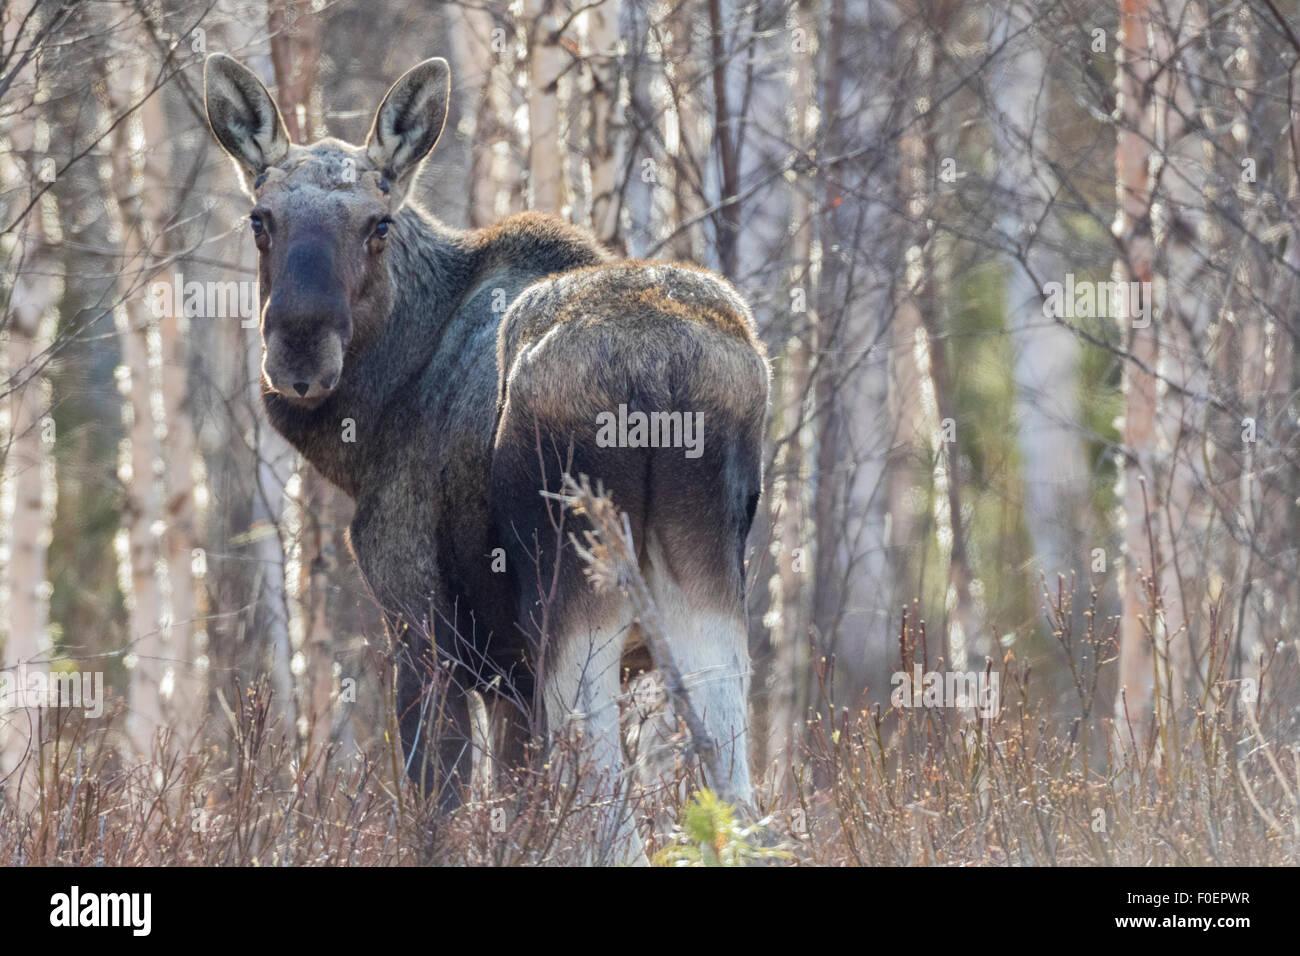 Alci, Alces alces, in piedi tra le betulle senza foglie, llooking alla fotocamera, Gällivare, Lapponia svedese, Immagini Stock